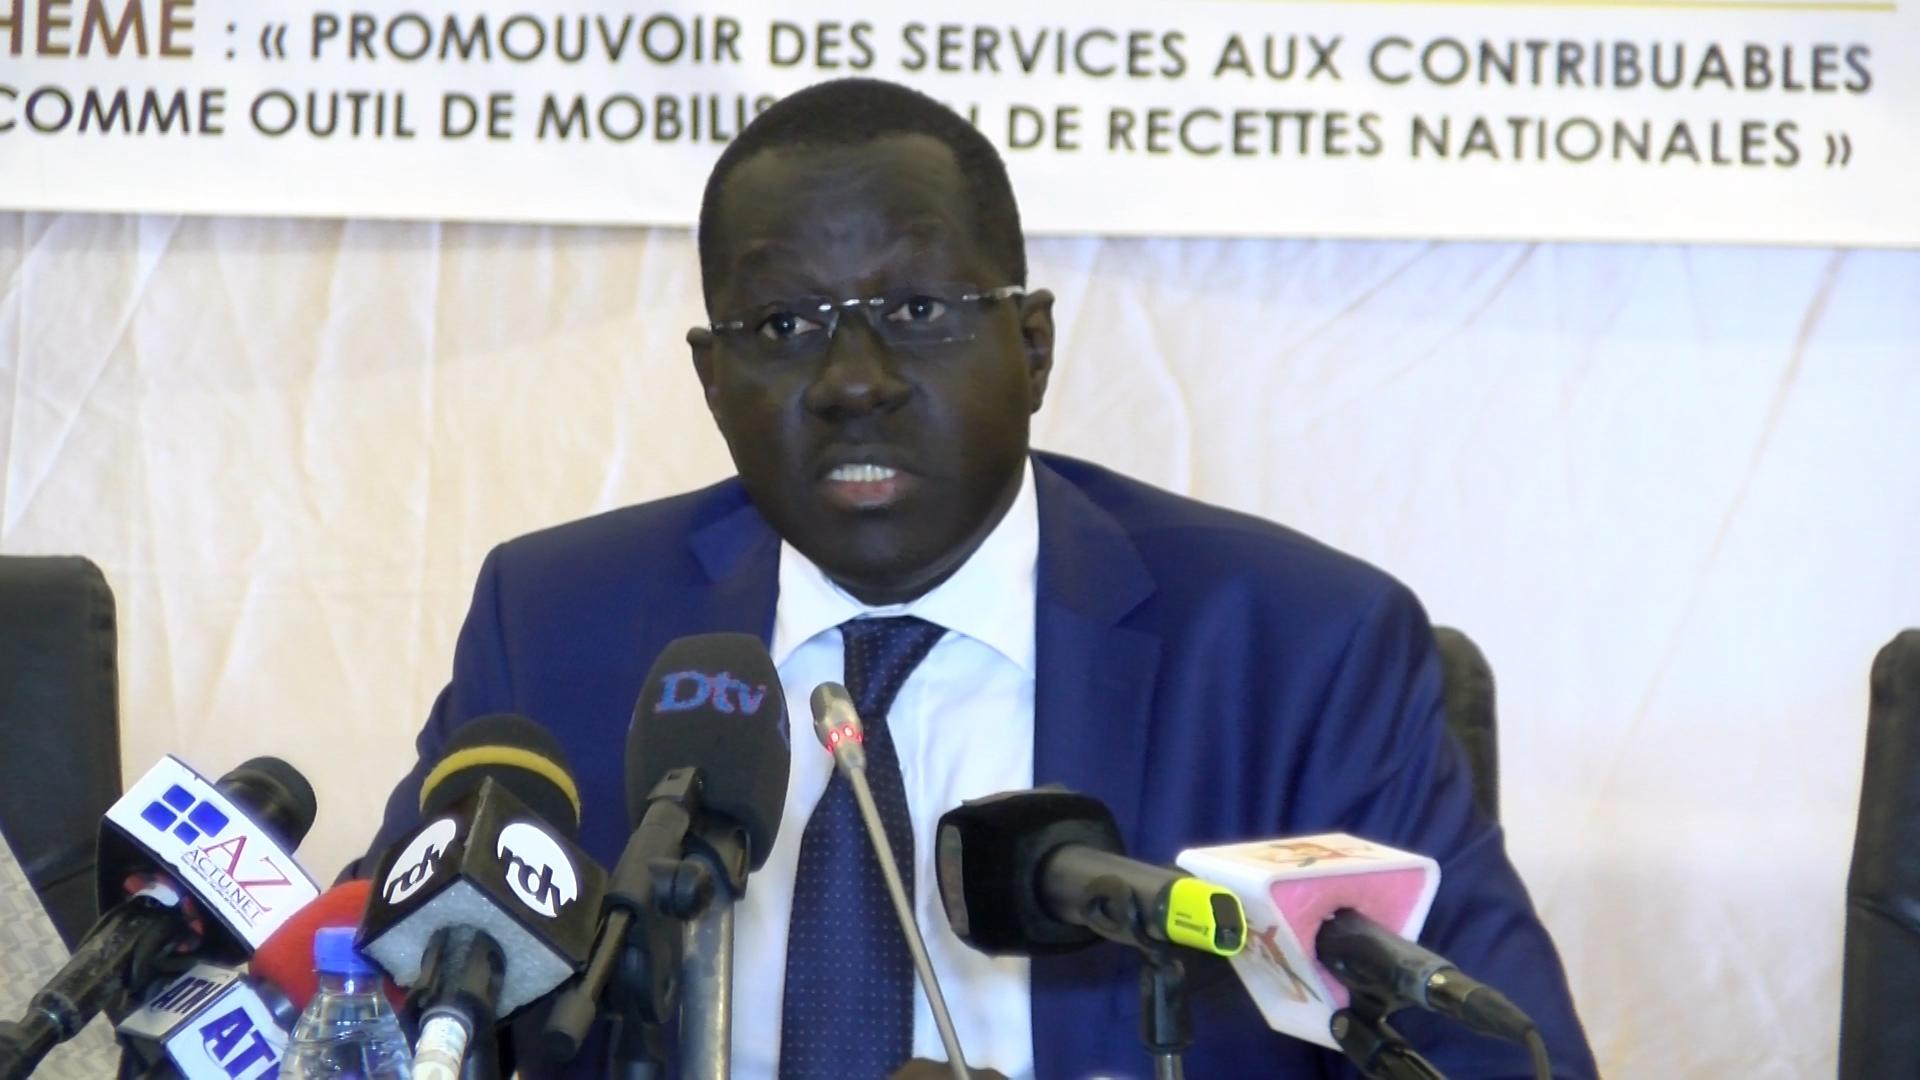 Meilleure prise en charge dans la mobilisation des ressources fiscales : « On travaille pour la rationalisation des mesures de faveur fiscale » (SG MEF)